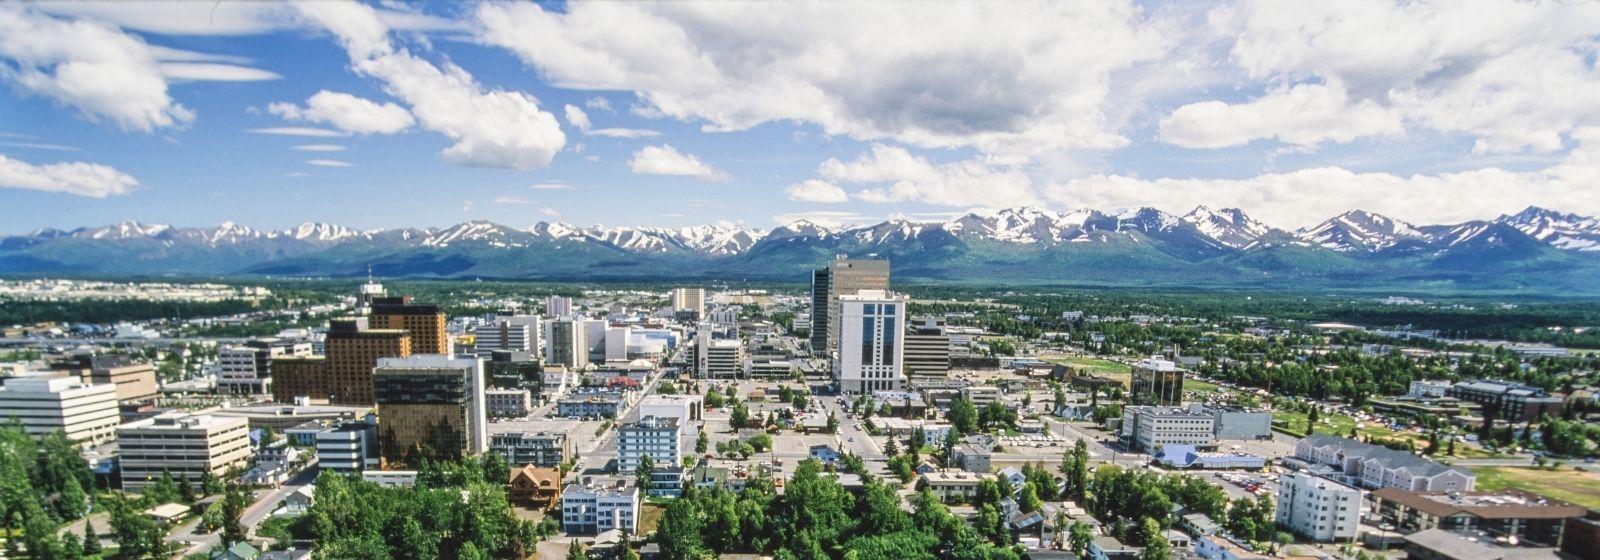 Cosas que hacer en Anchorage